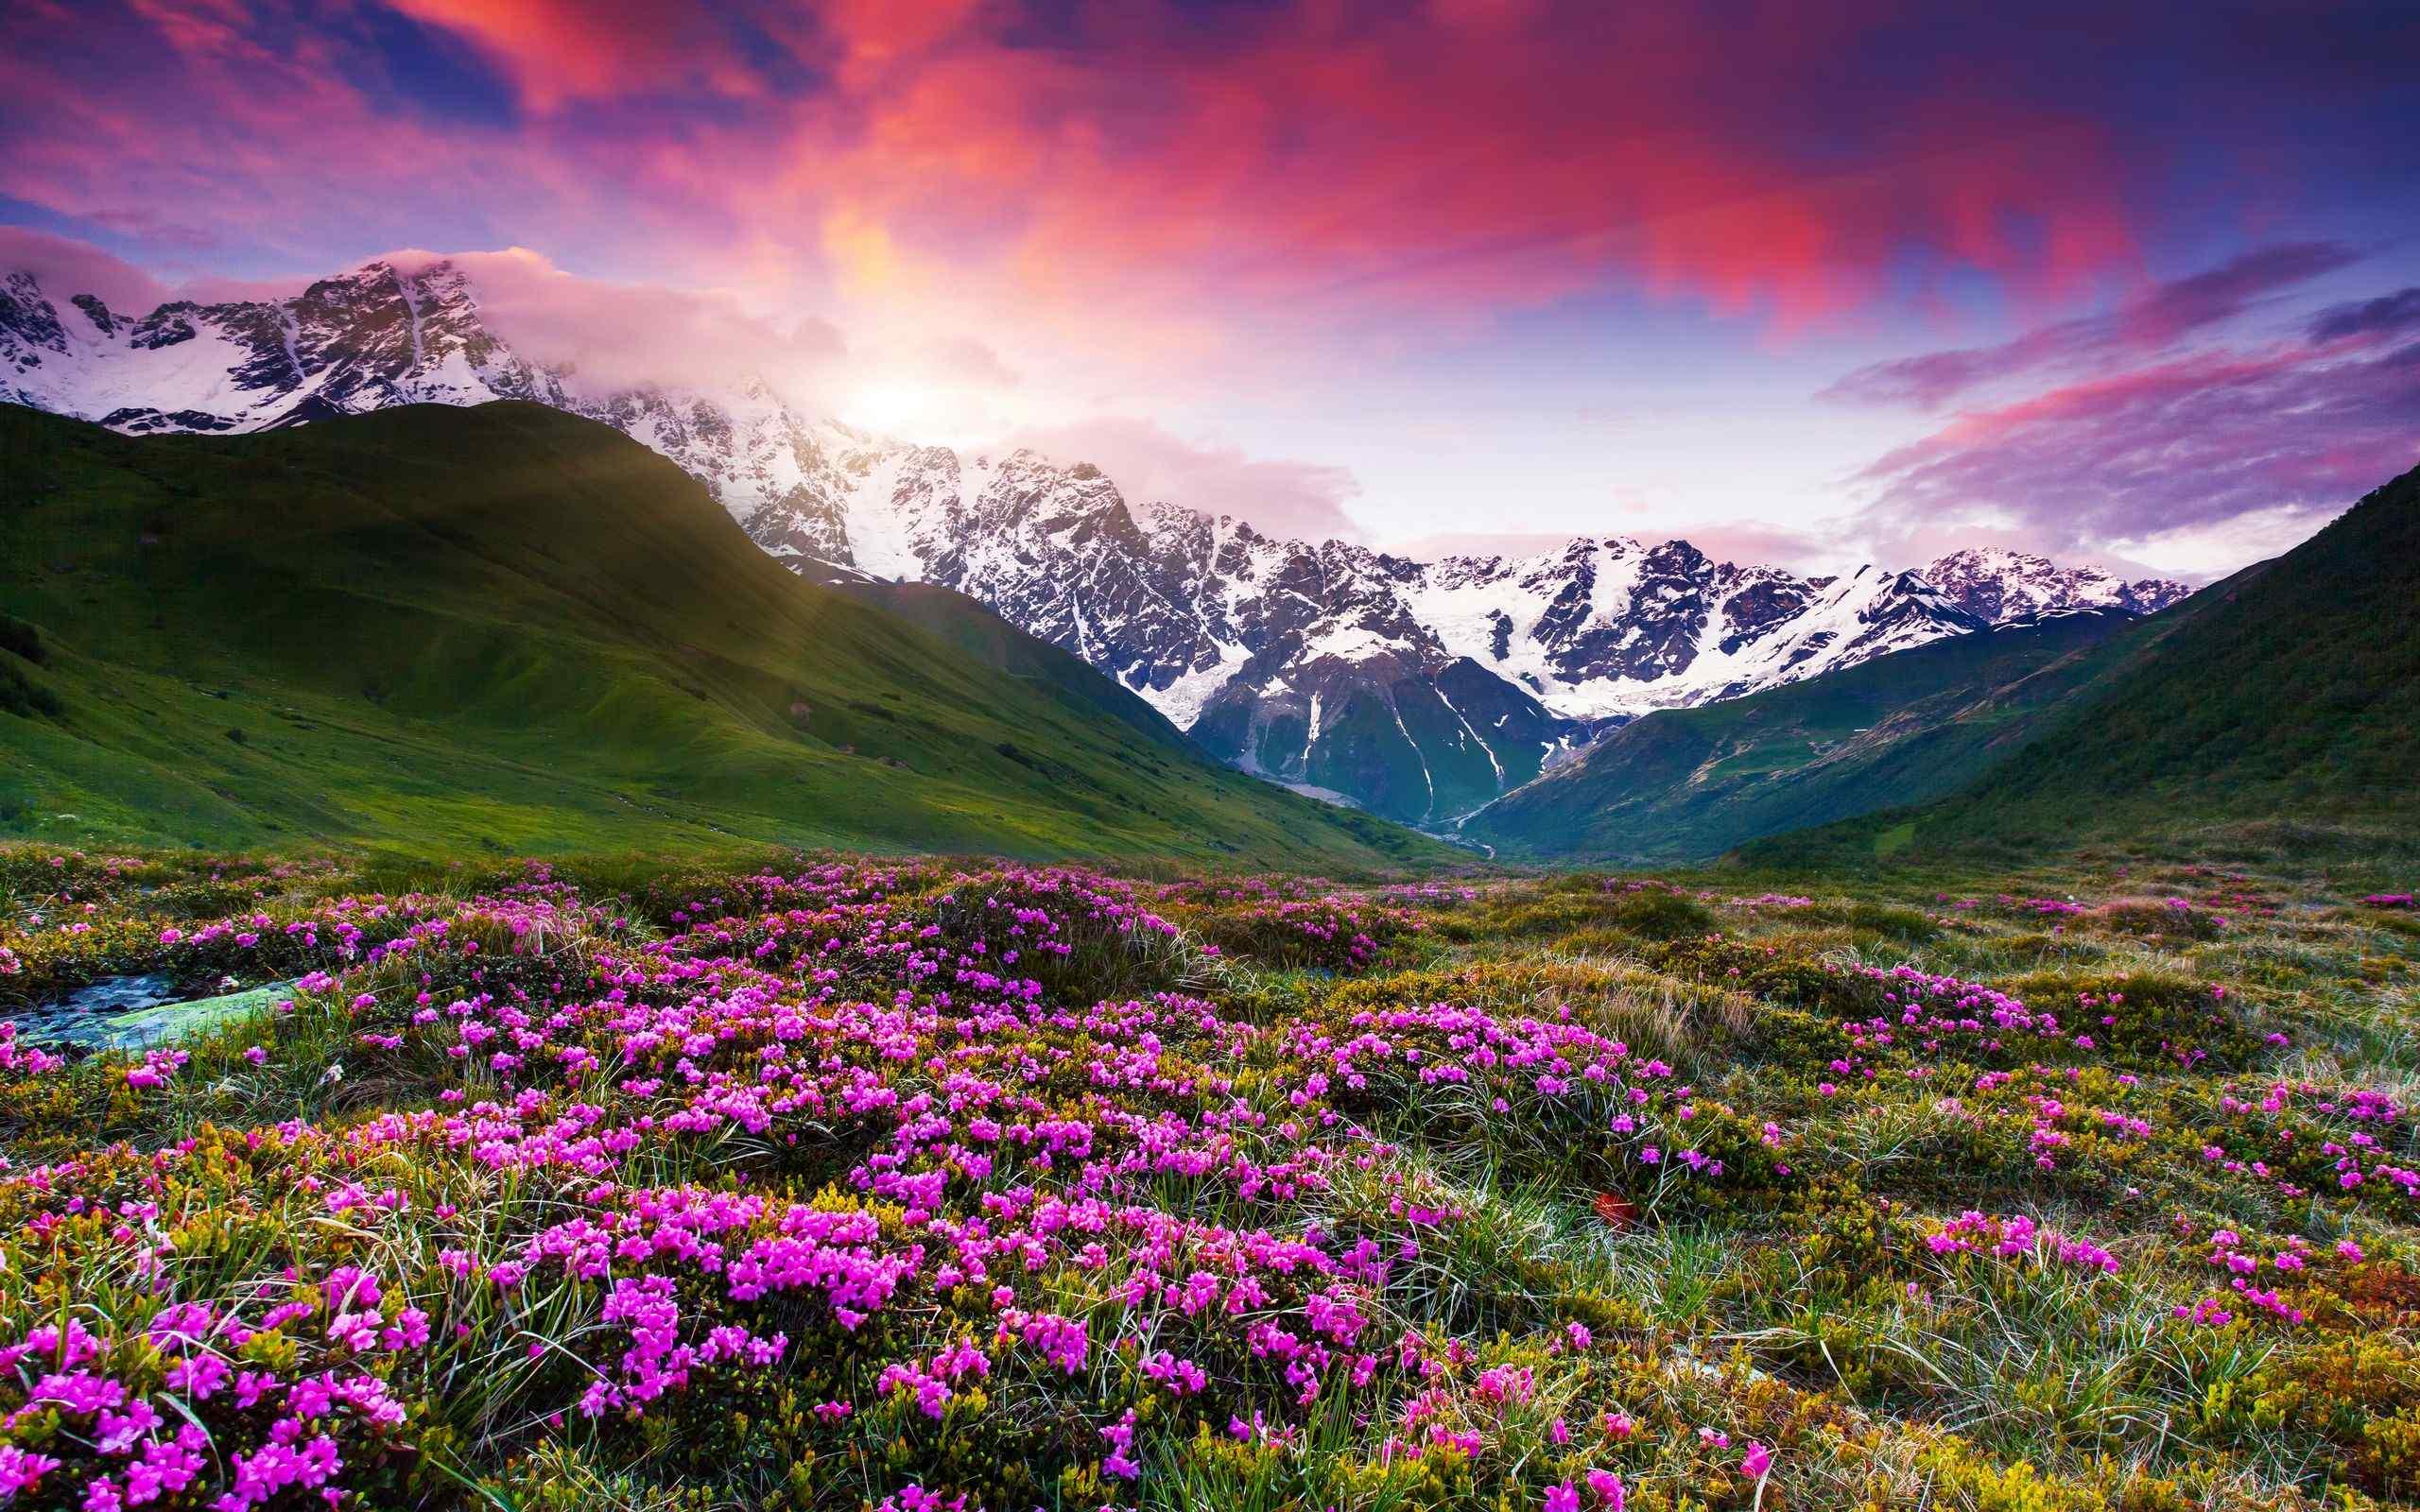 选绿色草原山脉风景电脑壁纸图片 第一辑图片